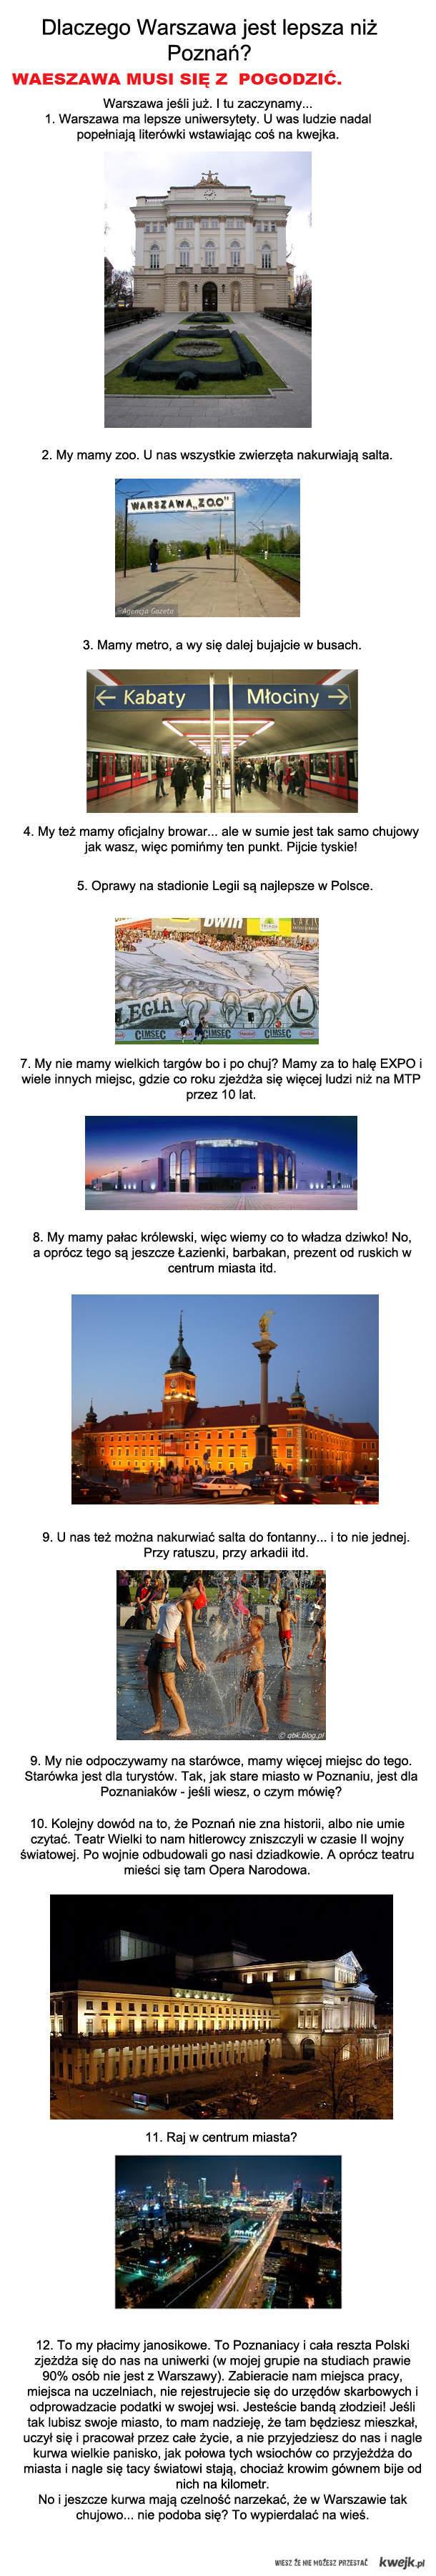 Warszawa a Poznan